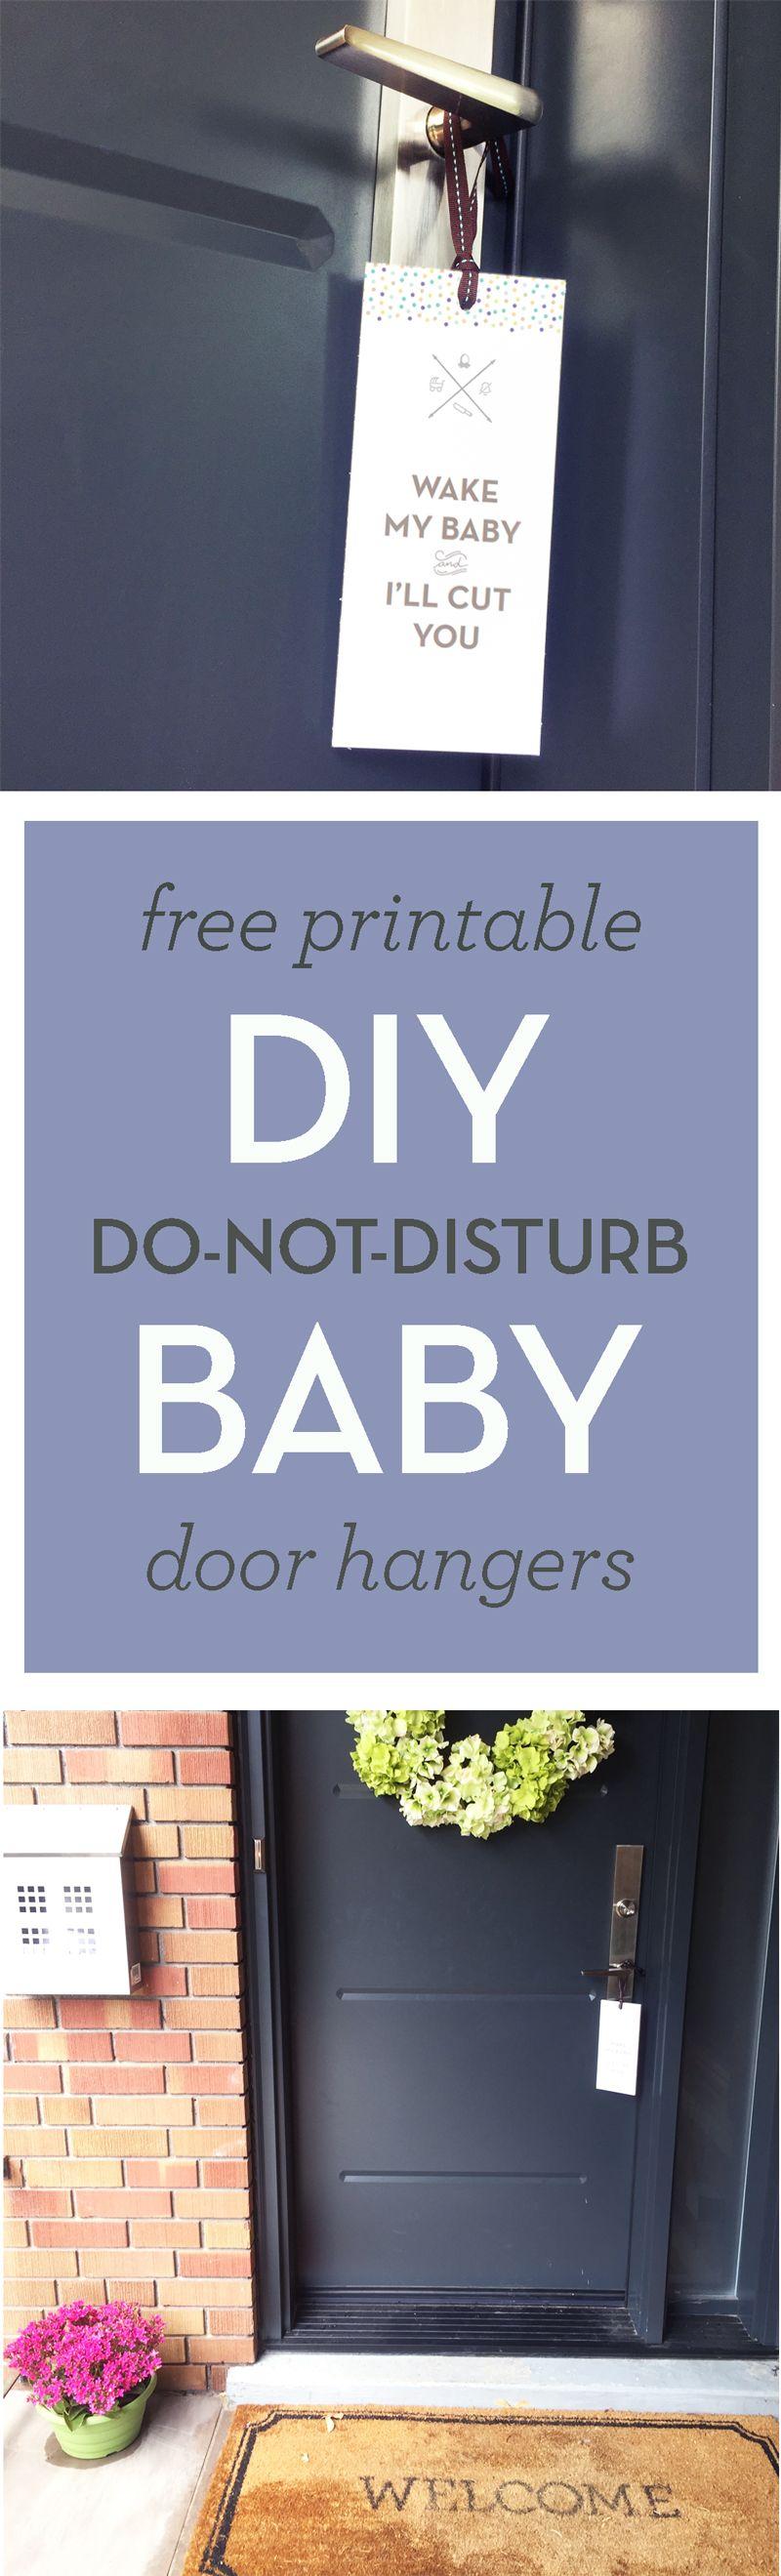 funny do not disturb baby door hangers pinterest hanger free